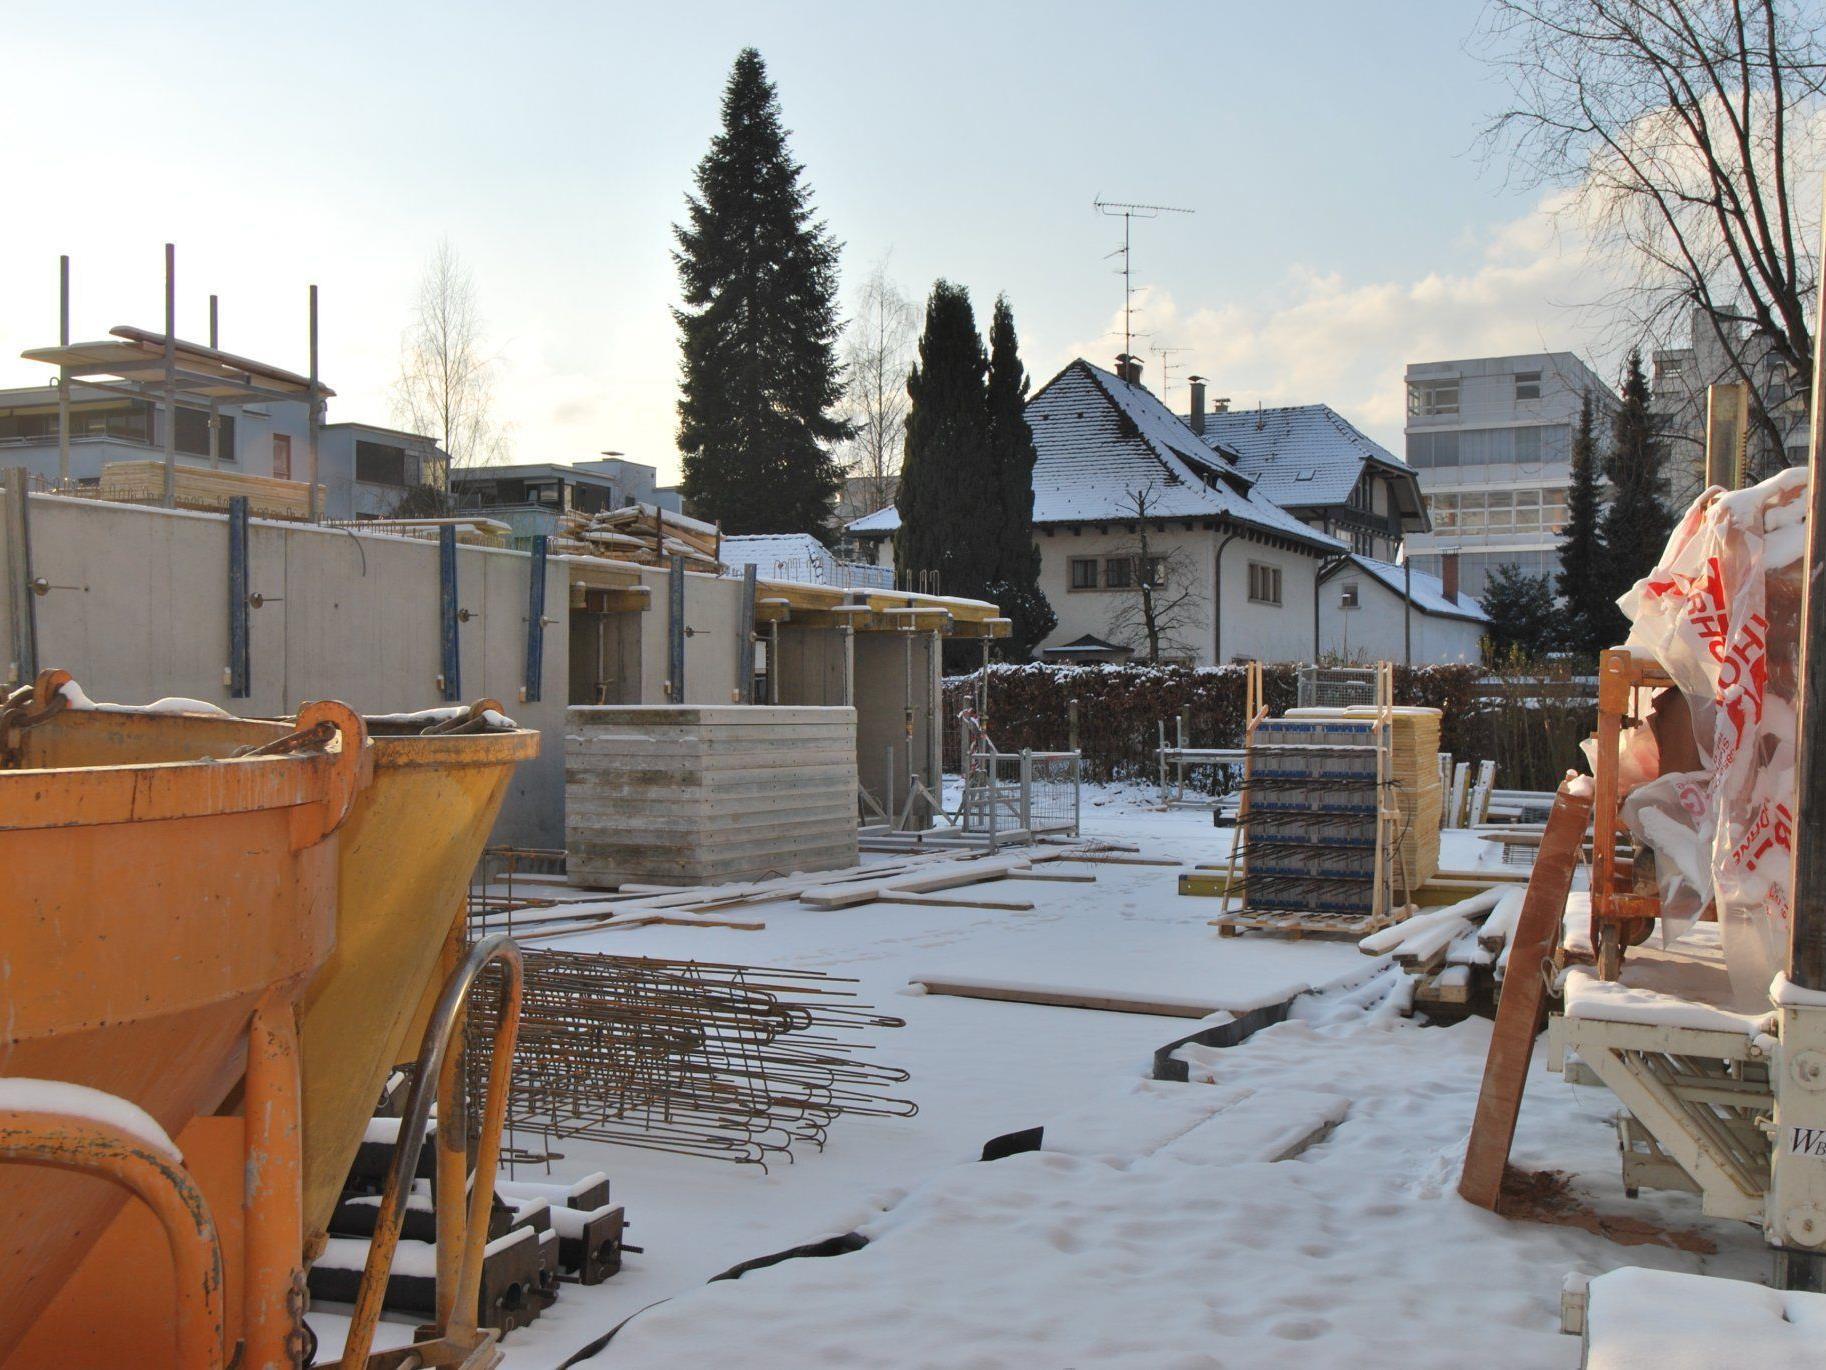 Die Wohnanlage Riedgasse liegt trotz kältebedingtem Baustillstand im Zeitplan